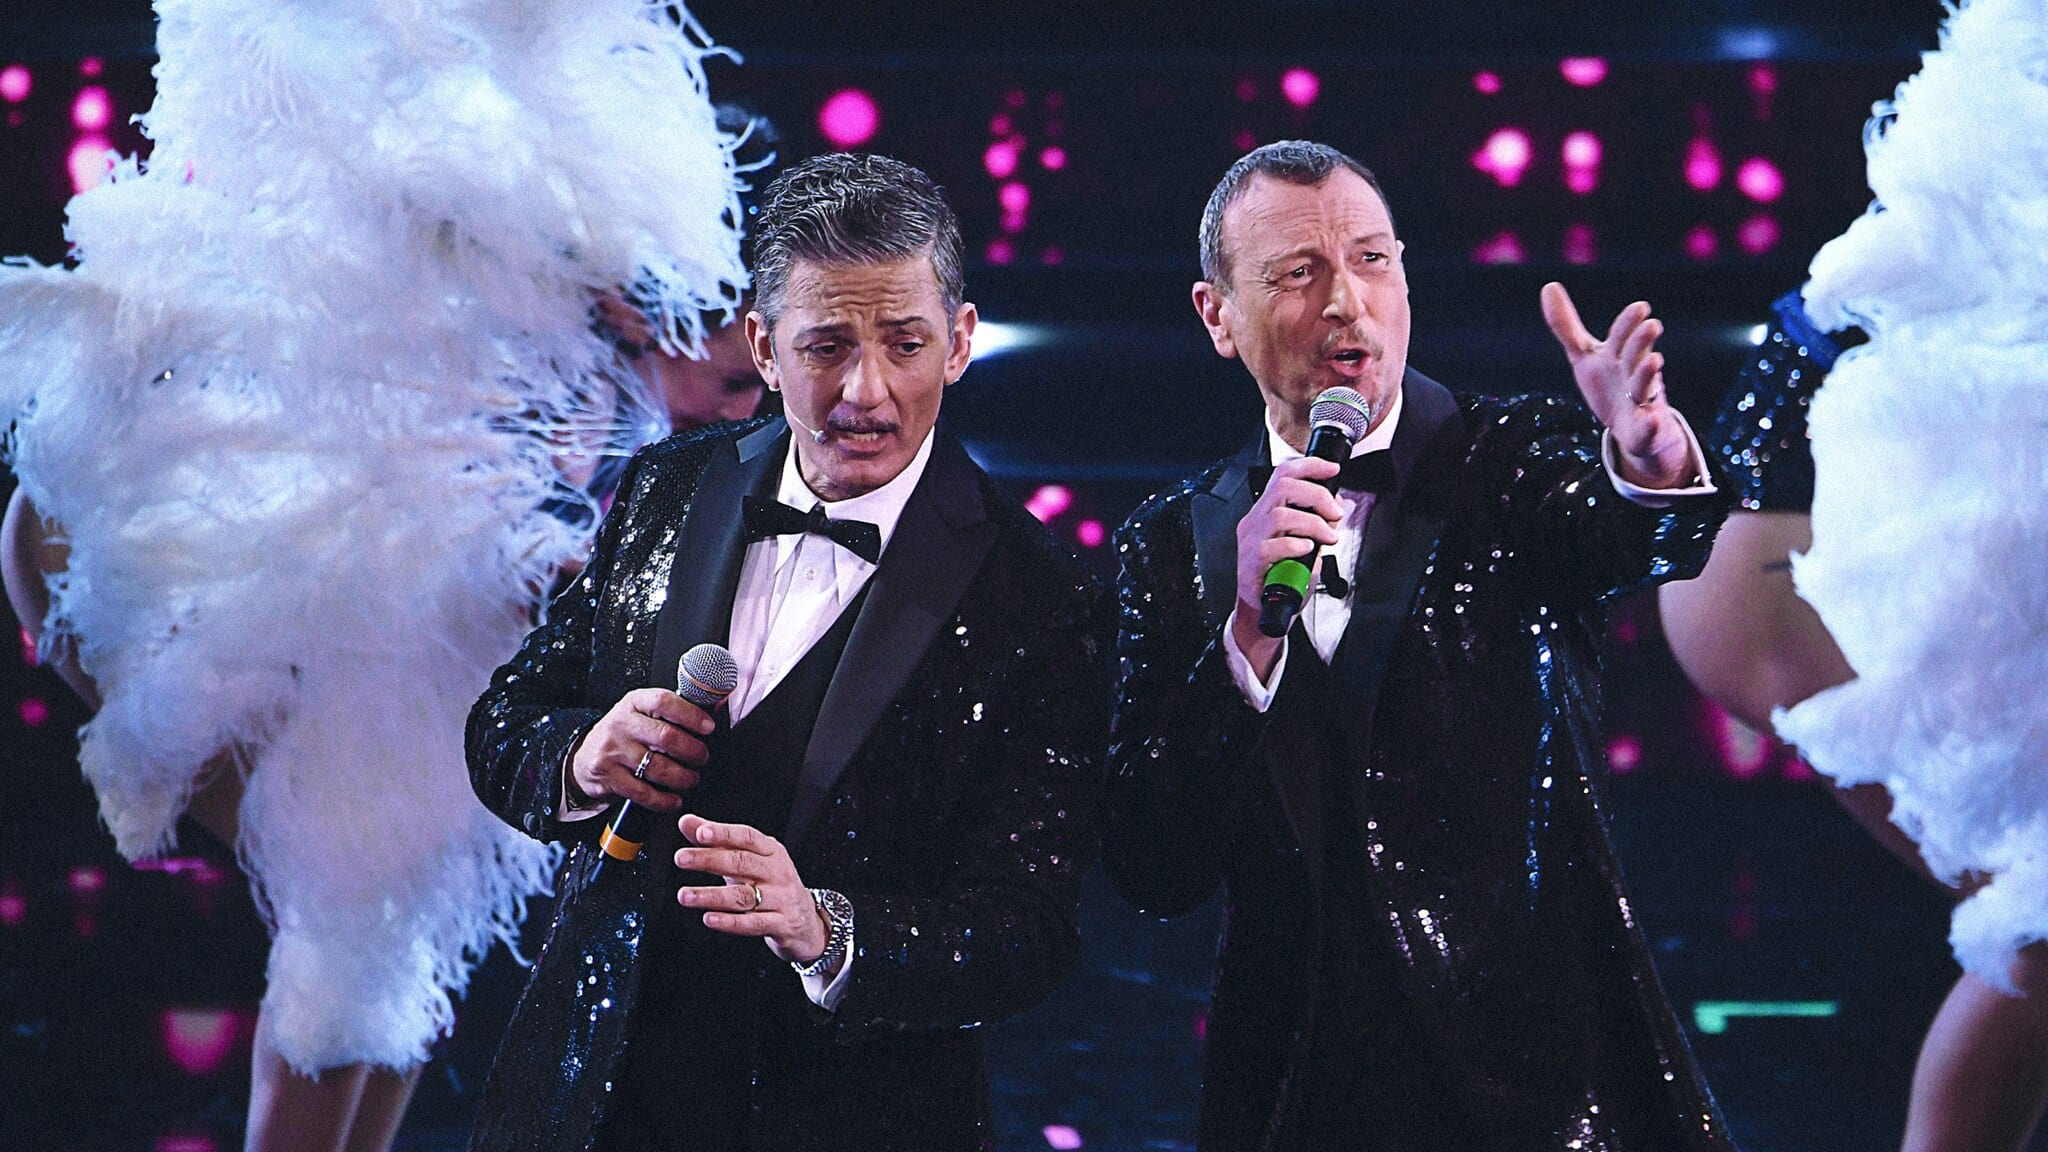 Live 3 marzo 2021 · Sanremo2021 seconda serata. Condotto da Amadeus e Fiorello, la 71ª kermesse canora, in onda in prime time su RaiUno